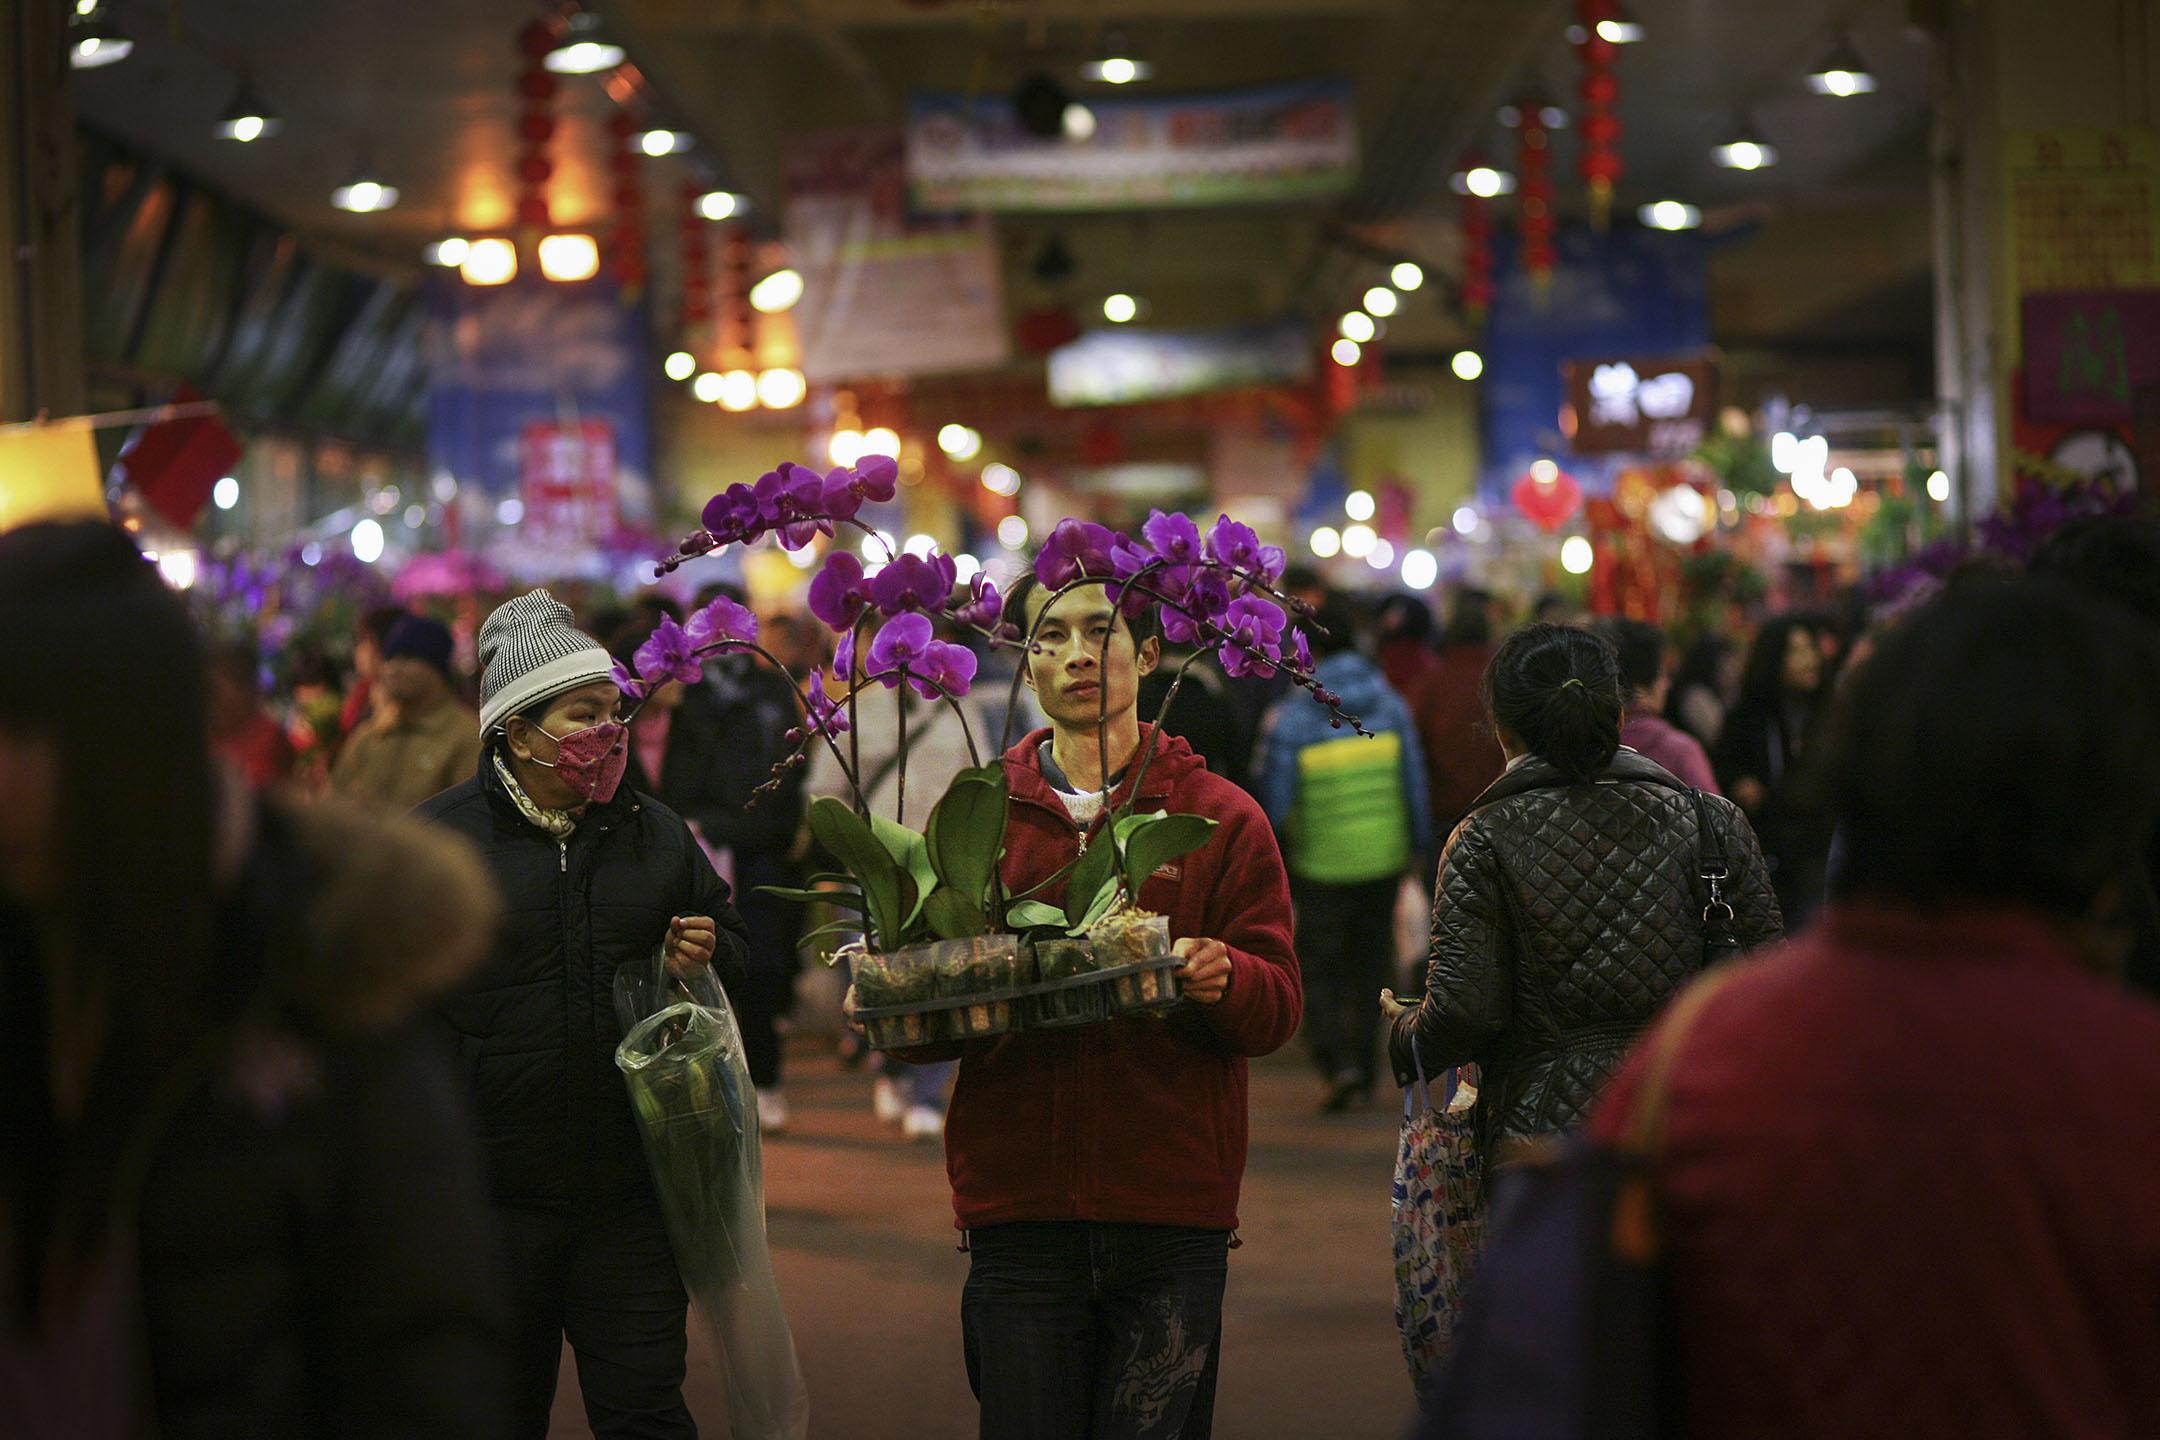 2011年1月31日台北,一個男人拿著蘭花在台北的花市上。 攝:Wally Santana/AP/達志影像